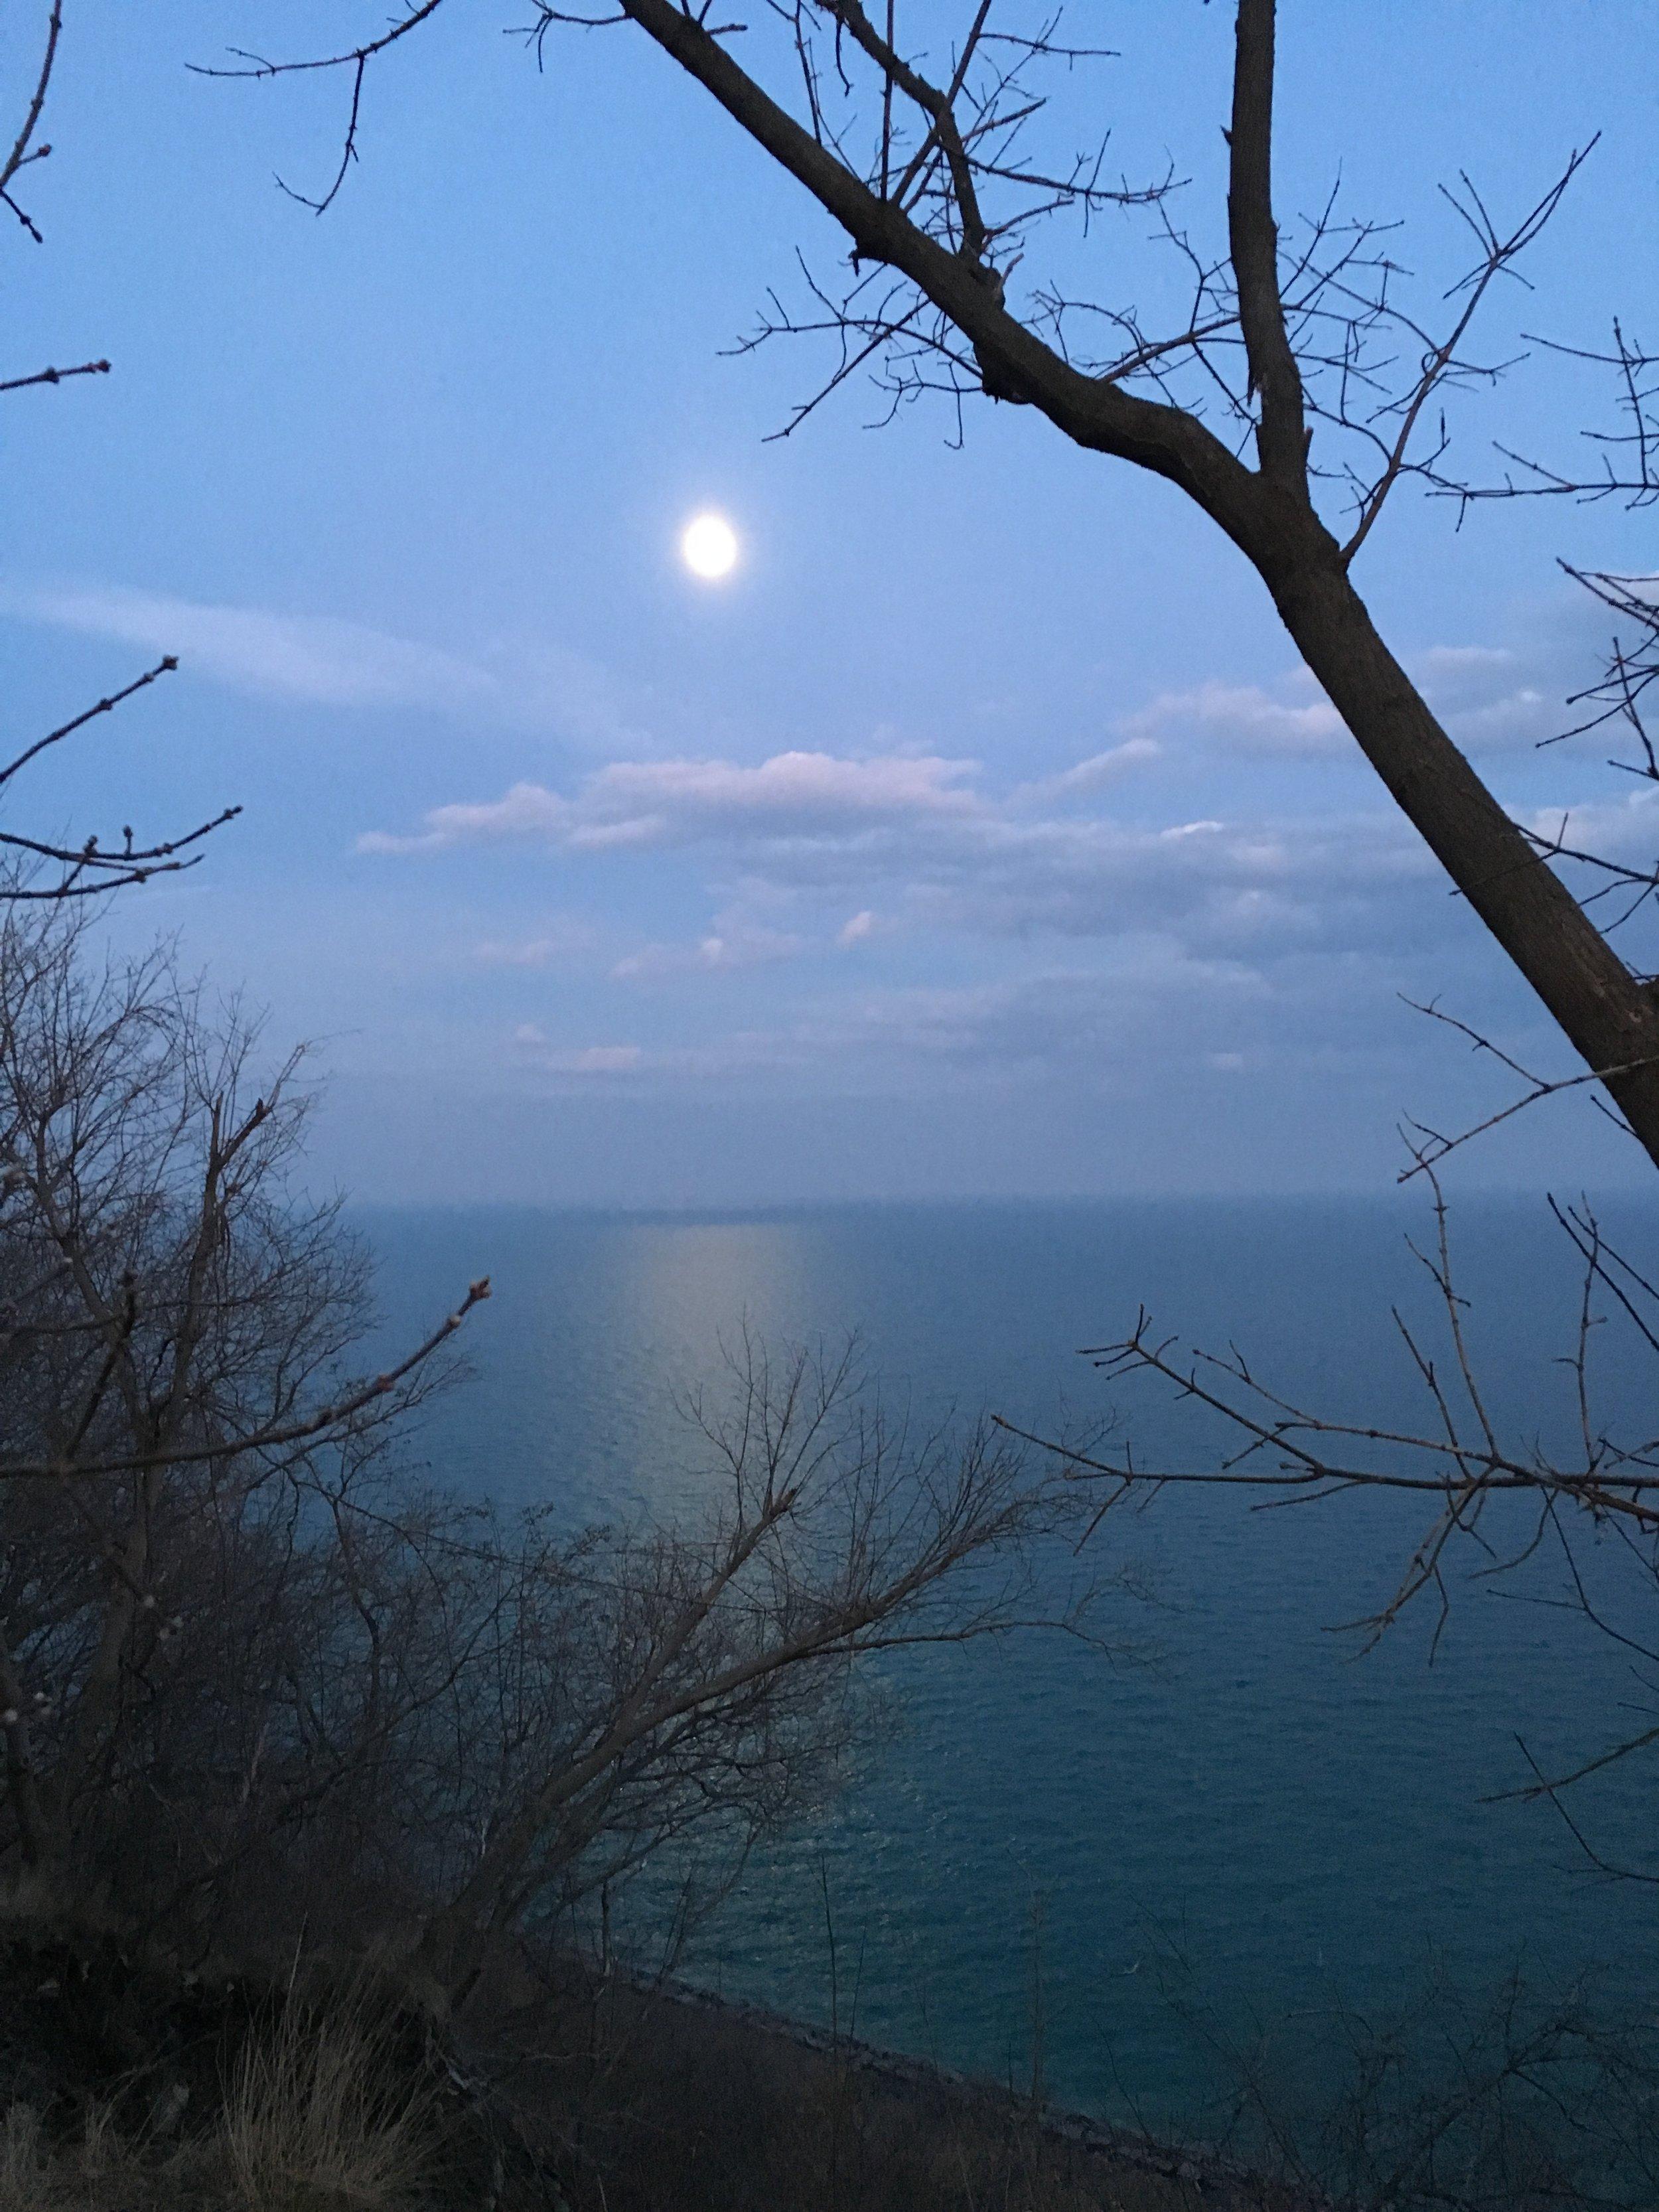 Moon, sky and Lake Ontario at dusk